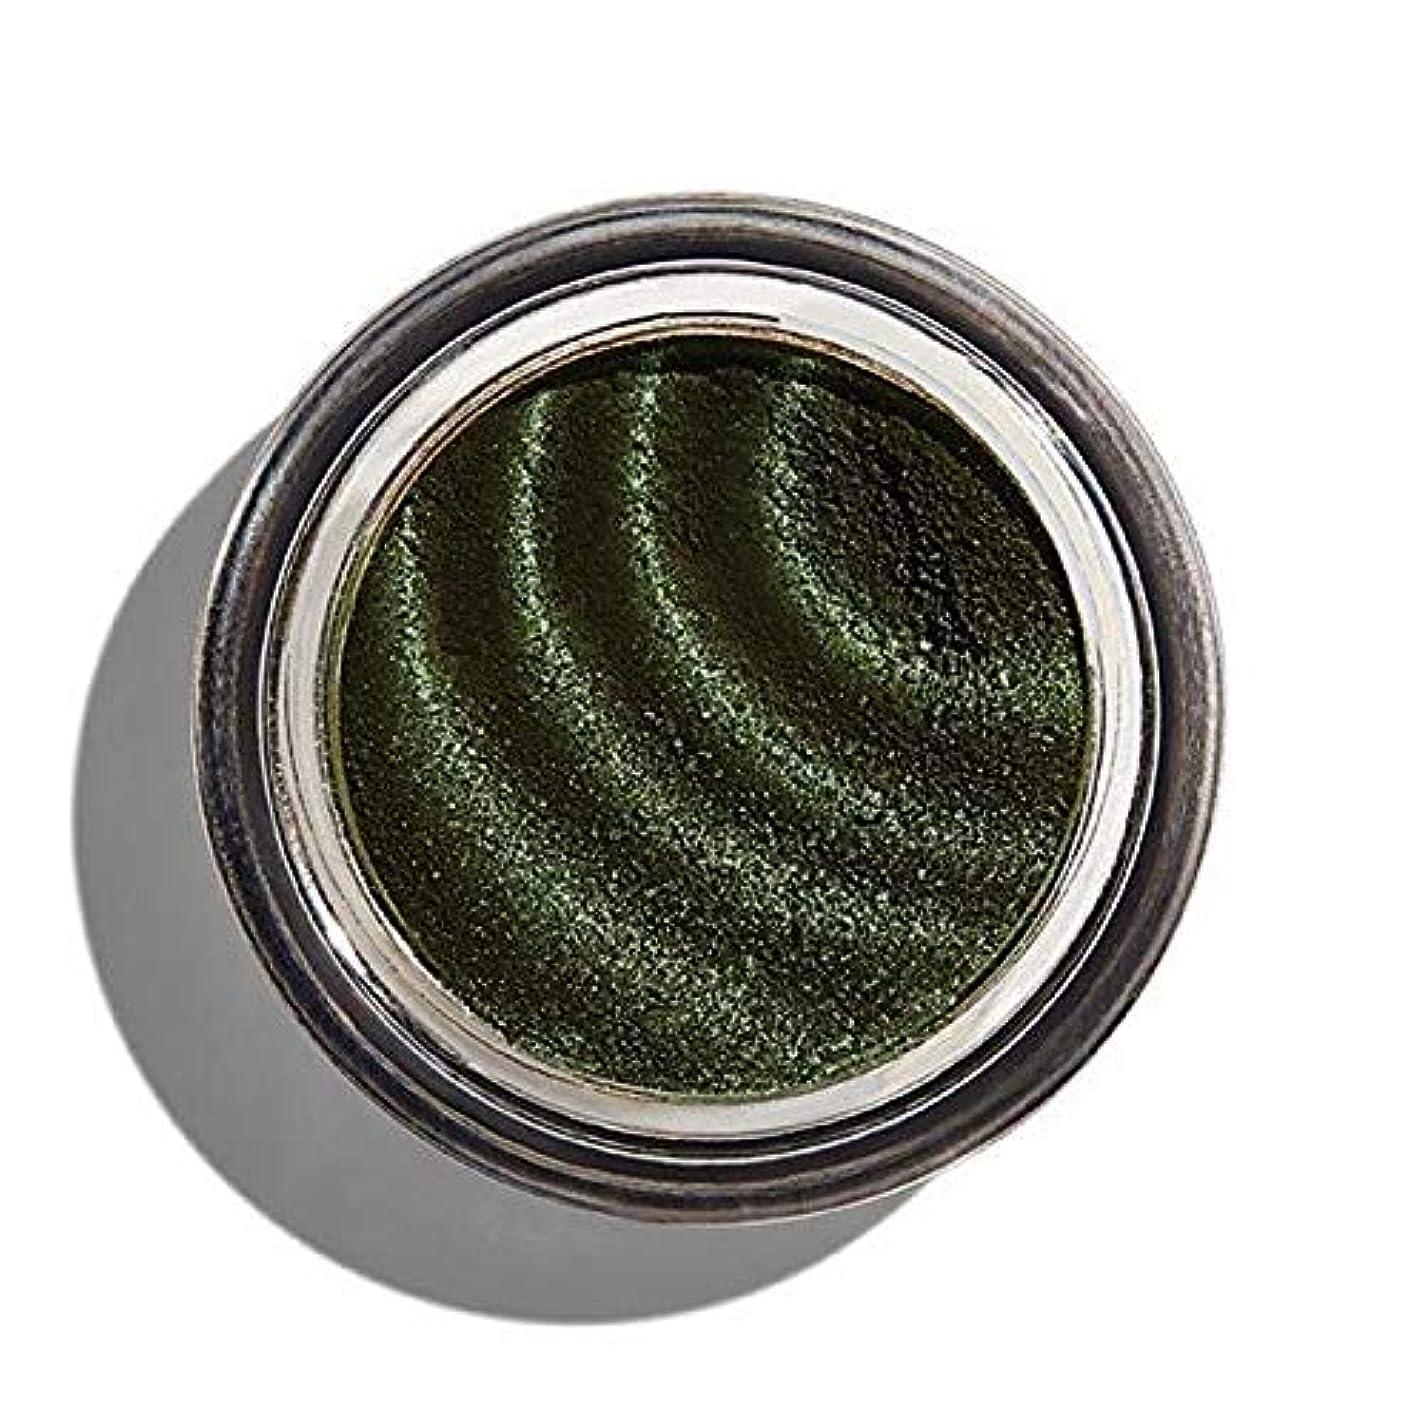 フェミニンビーチつば[Revolution ] 化粧回転磁化のアイシャドウグリーン - Makeup Revolution Magnetize Eyeshadow Green [並行輸入品]